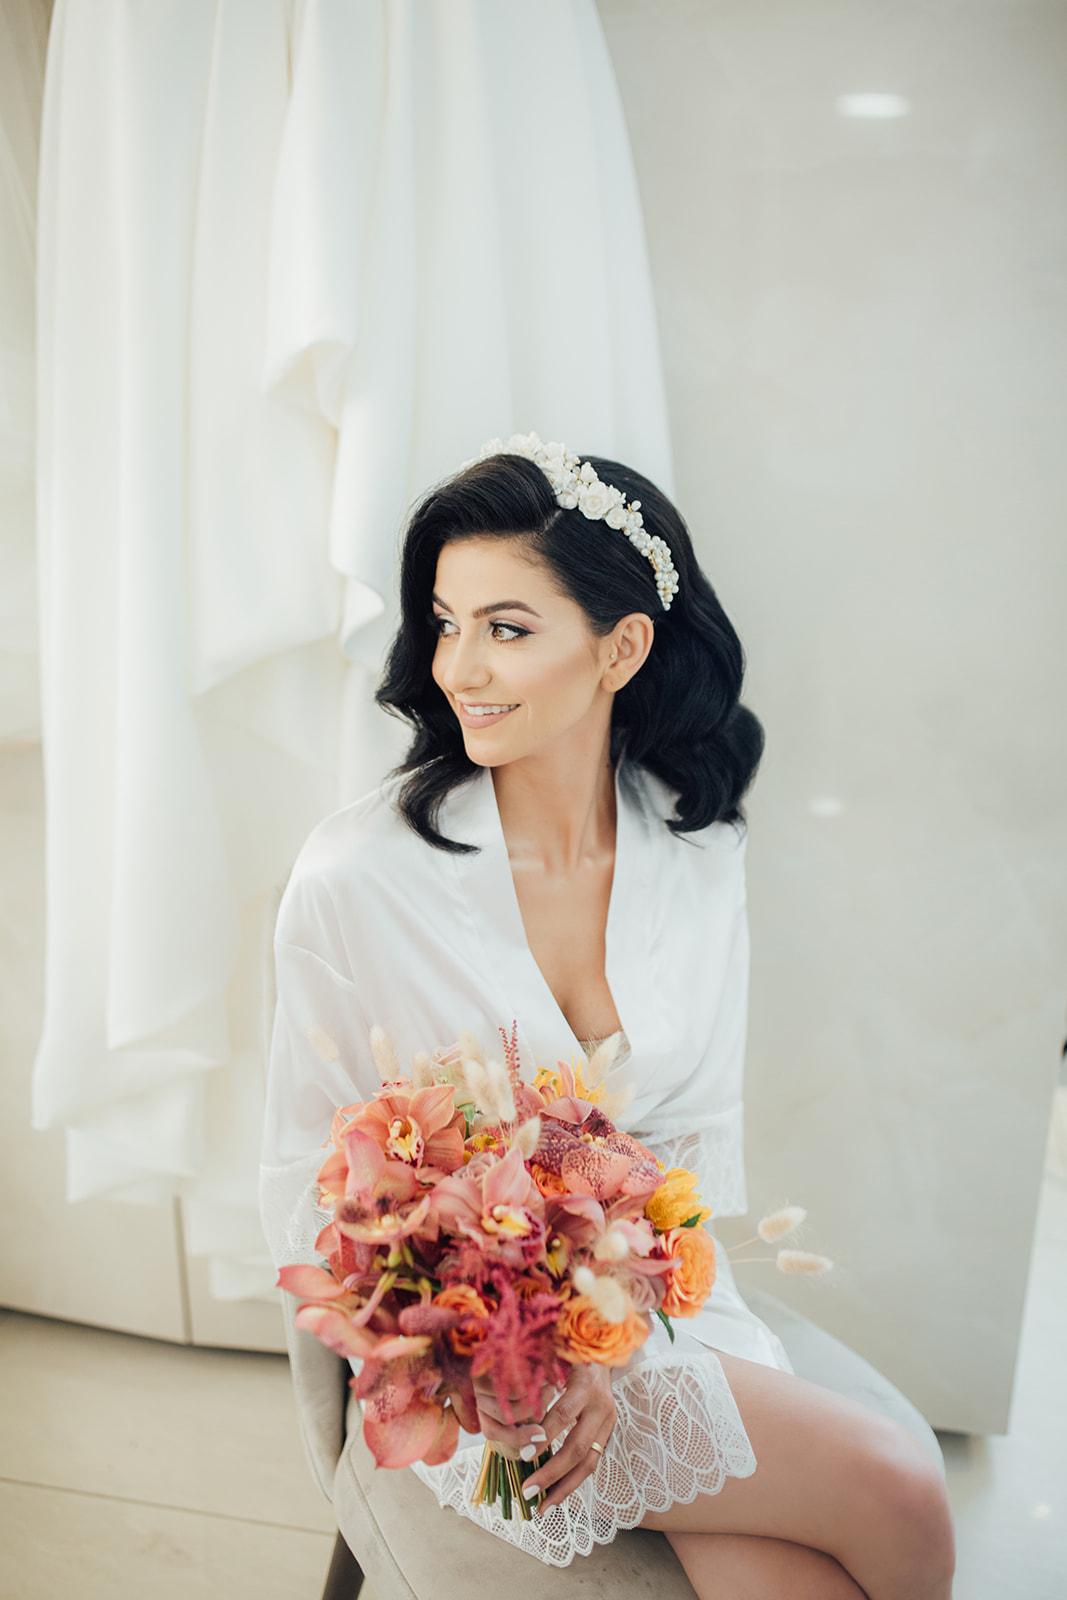 עיצוב בוהו עם נגיעות של כתום: החתונה של מיריי וסלימאן